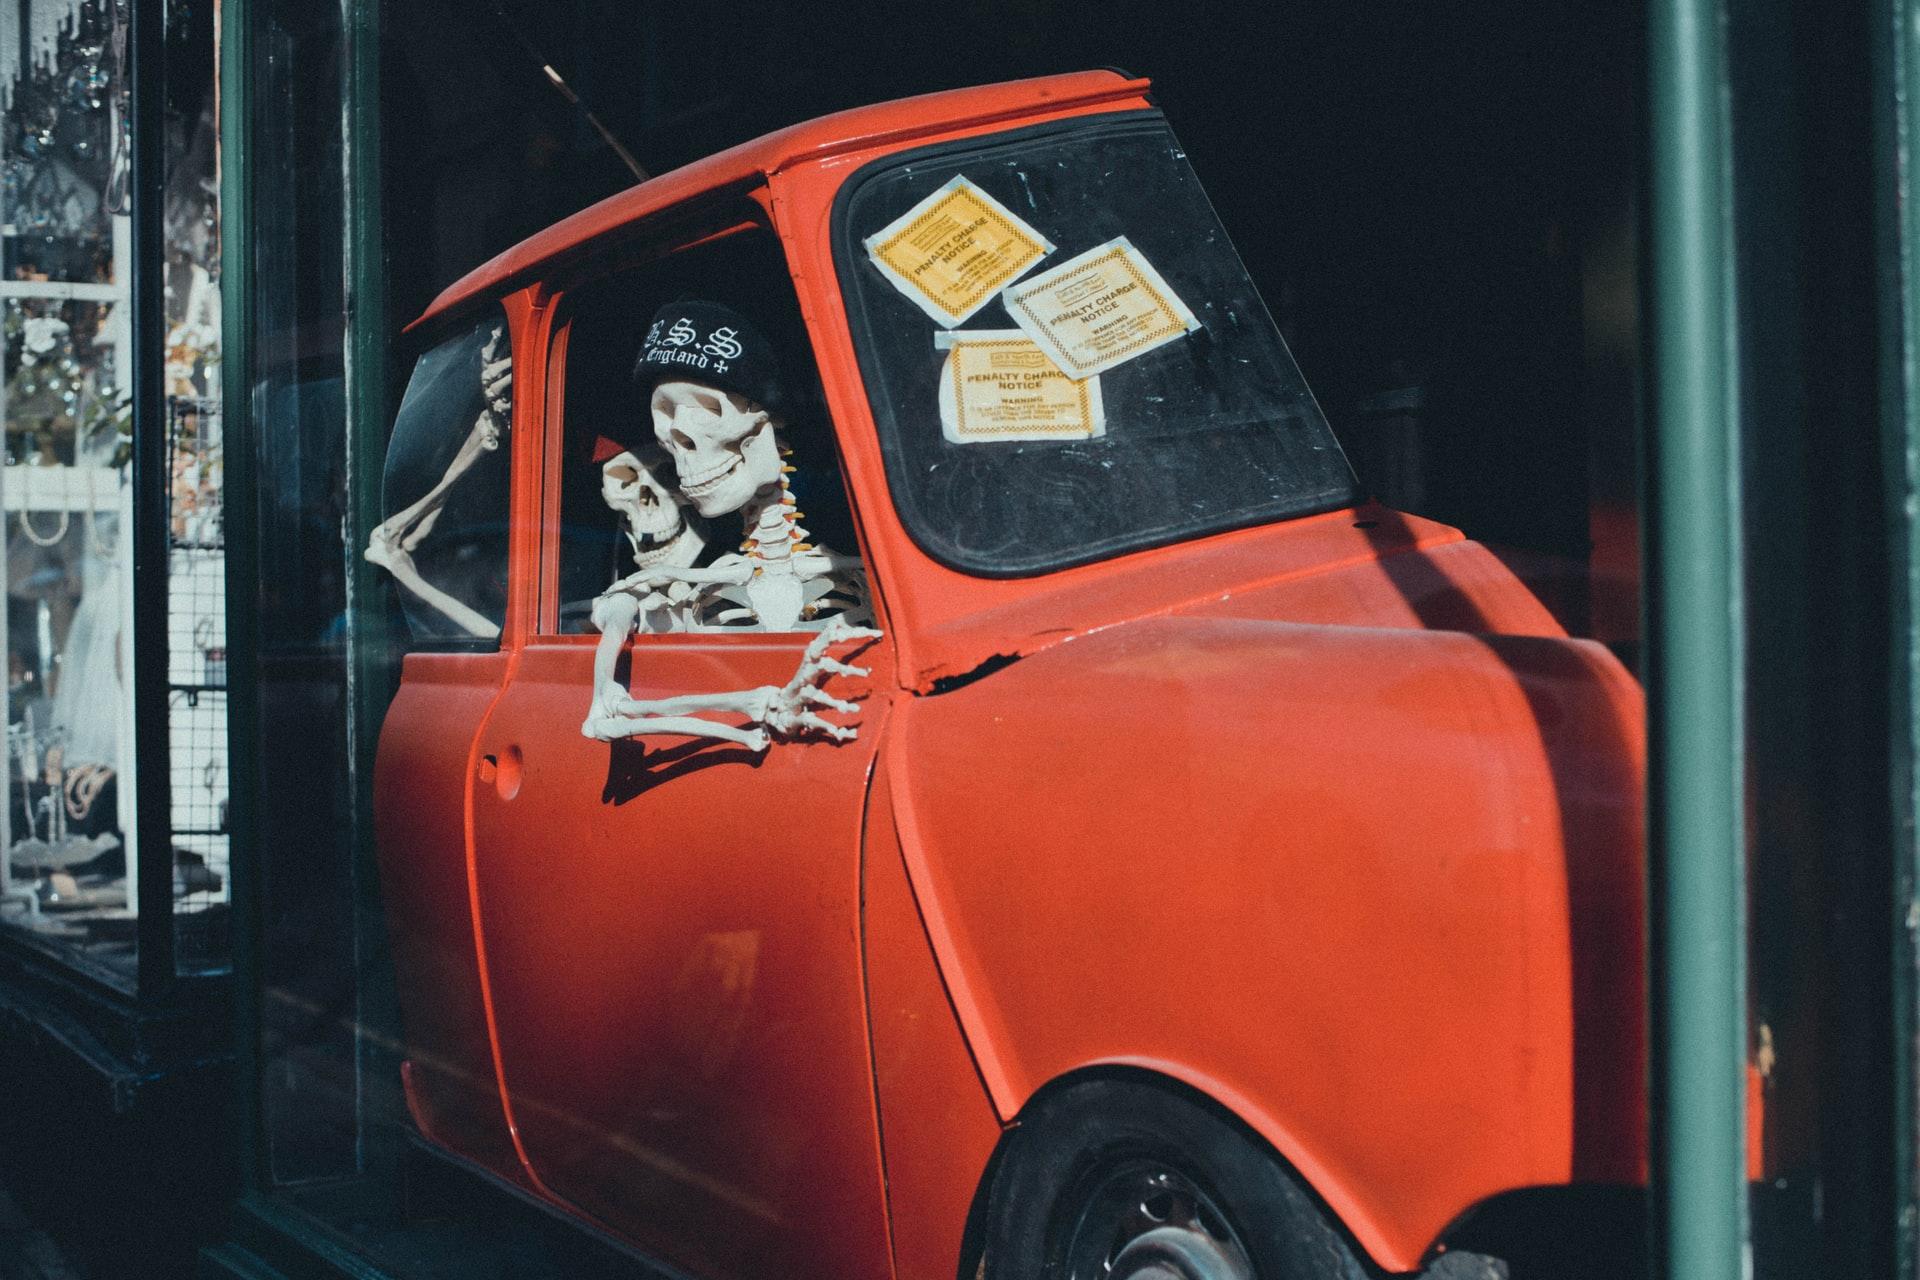 Schweizer mit 2 Wochen alter Leiche auf dem Beifahrersitz auf Spanien Reise